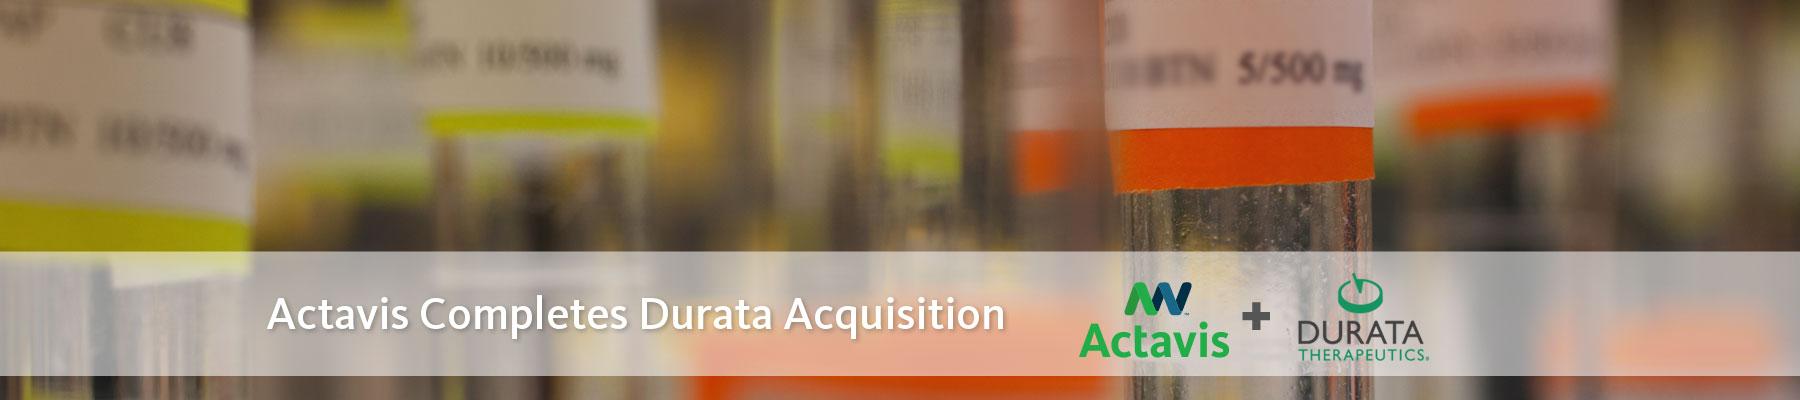 Activis Completes Durata Acquisition